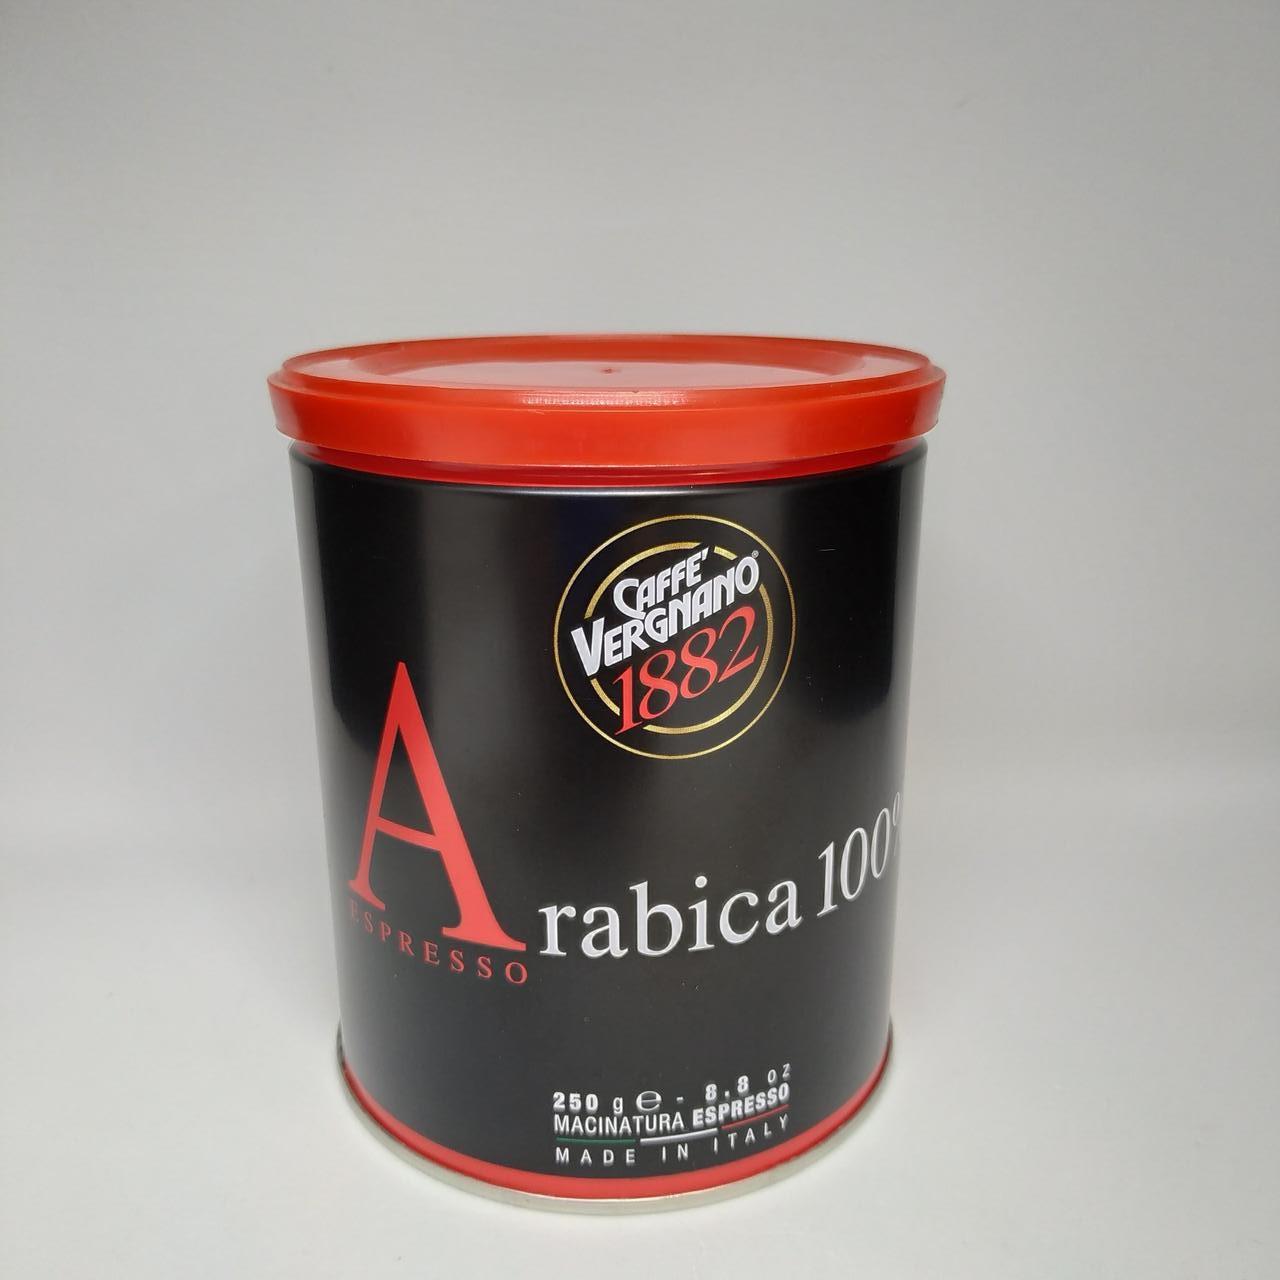 Caffe Vergnano 1882 Arabica 100% Espresso - Кофе молотый